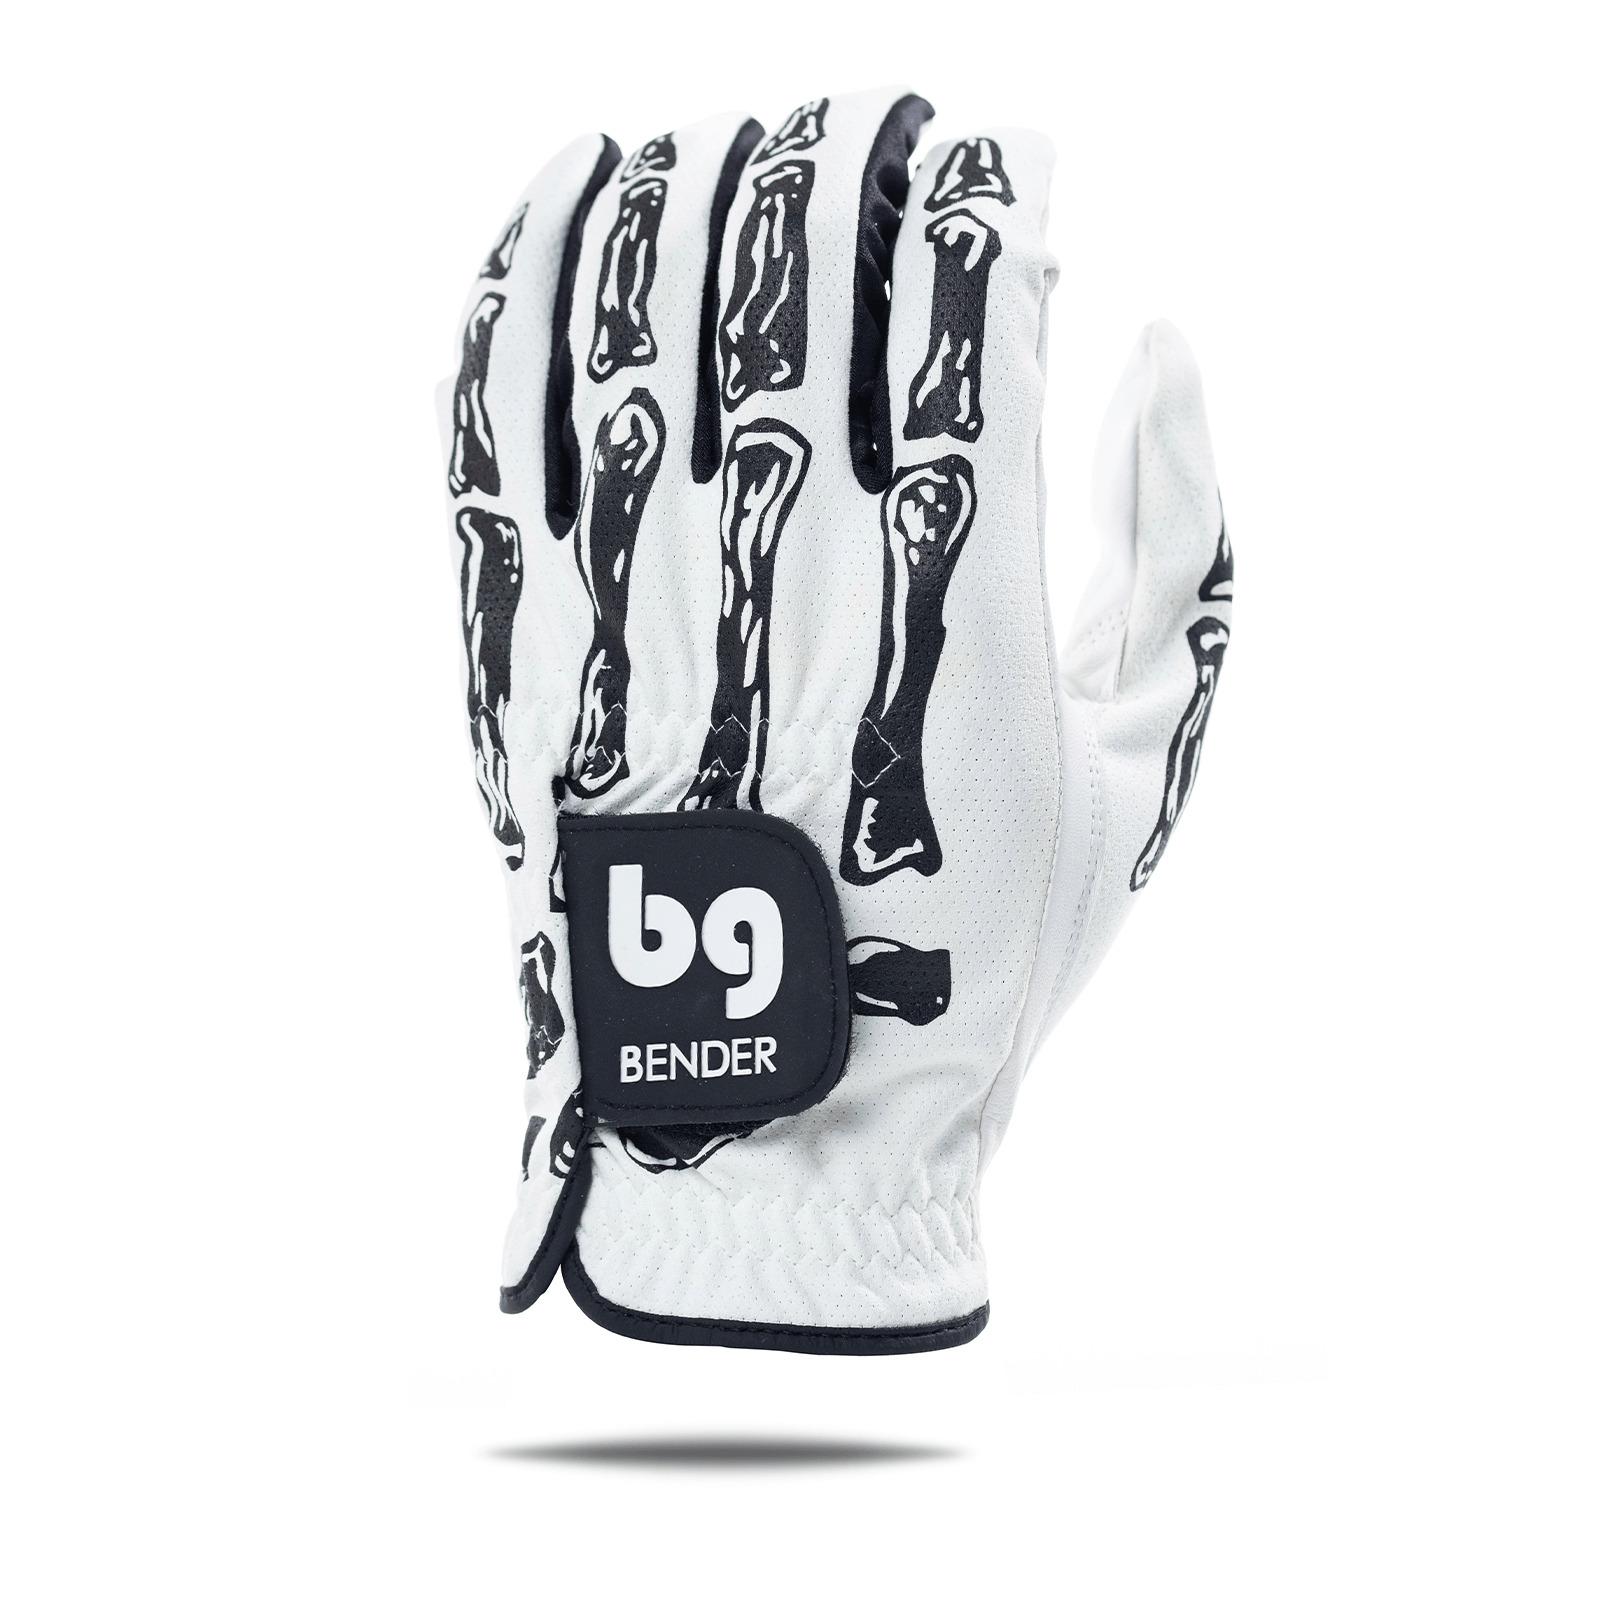 Bender Gloves White Bones Mesh Golf Glove Image